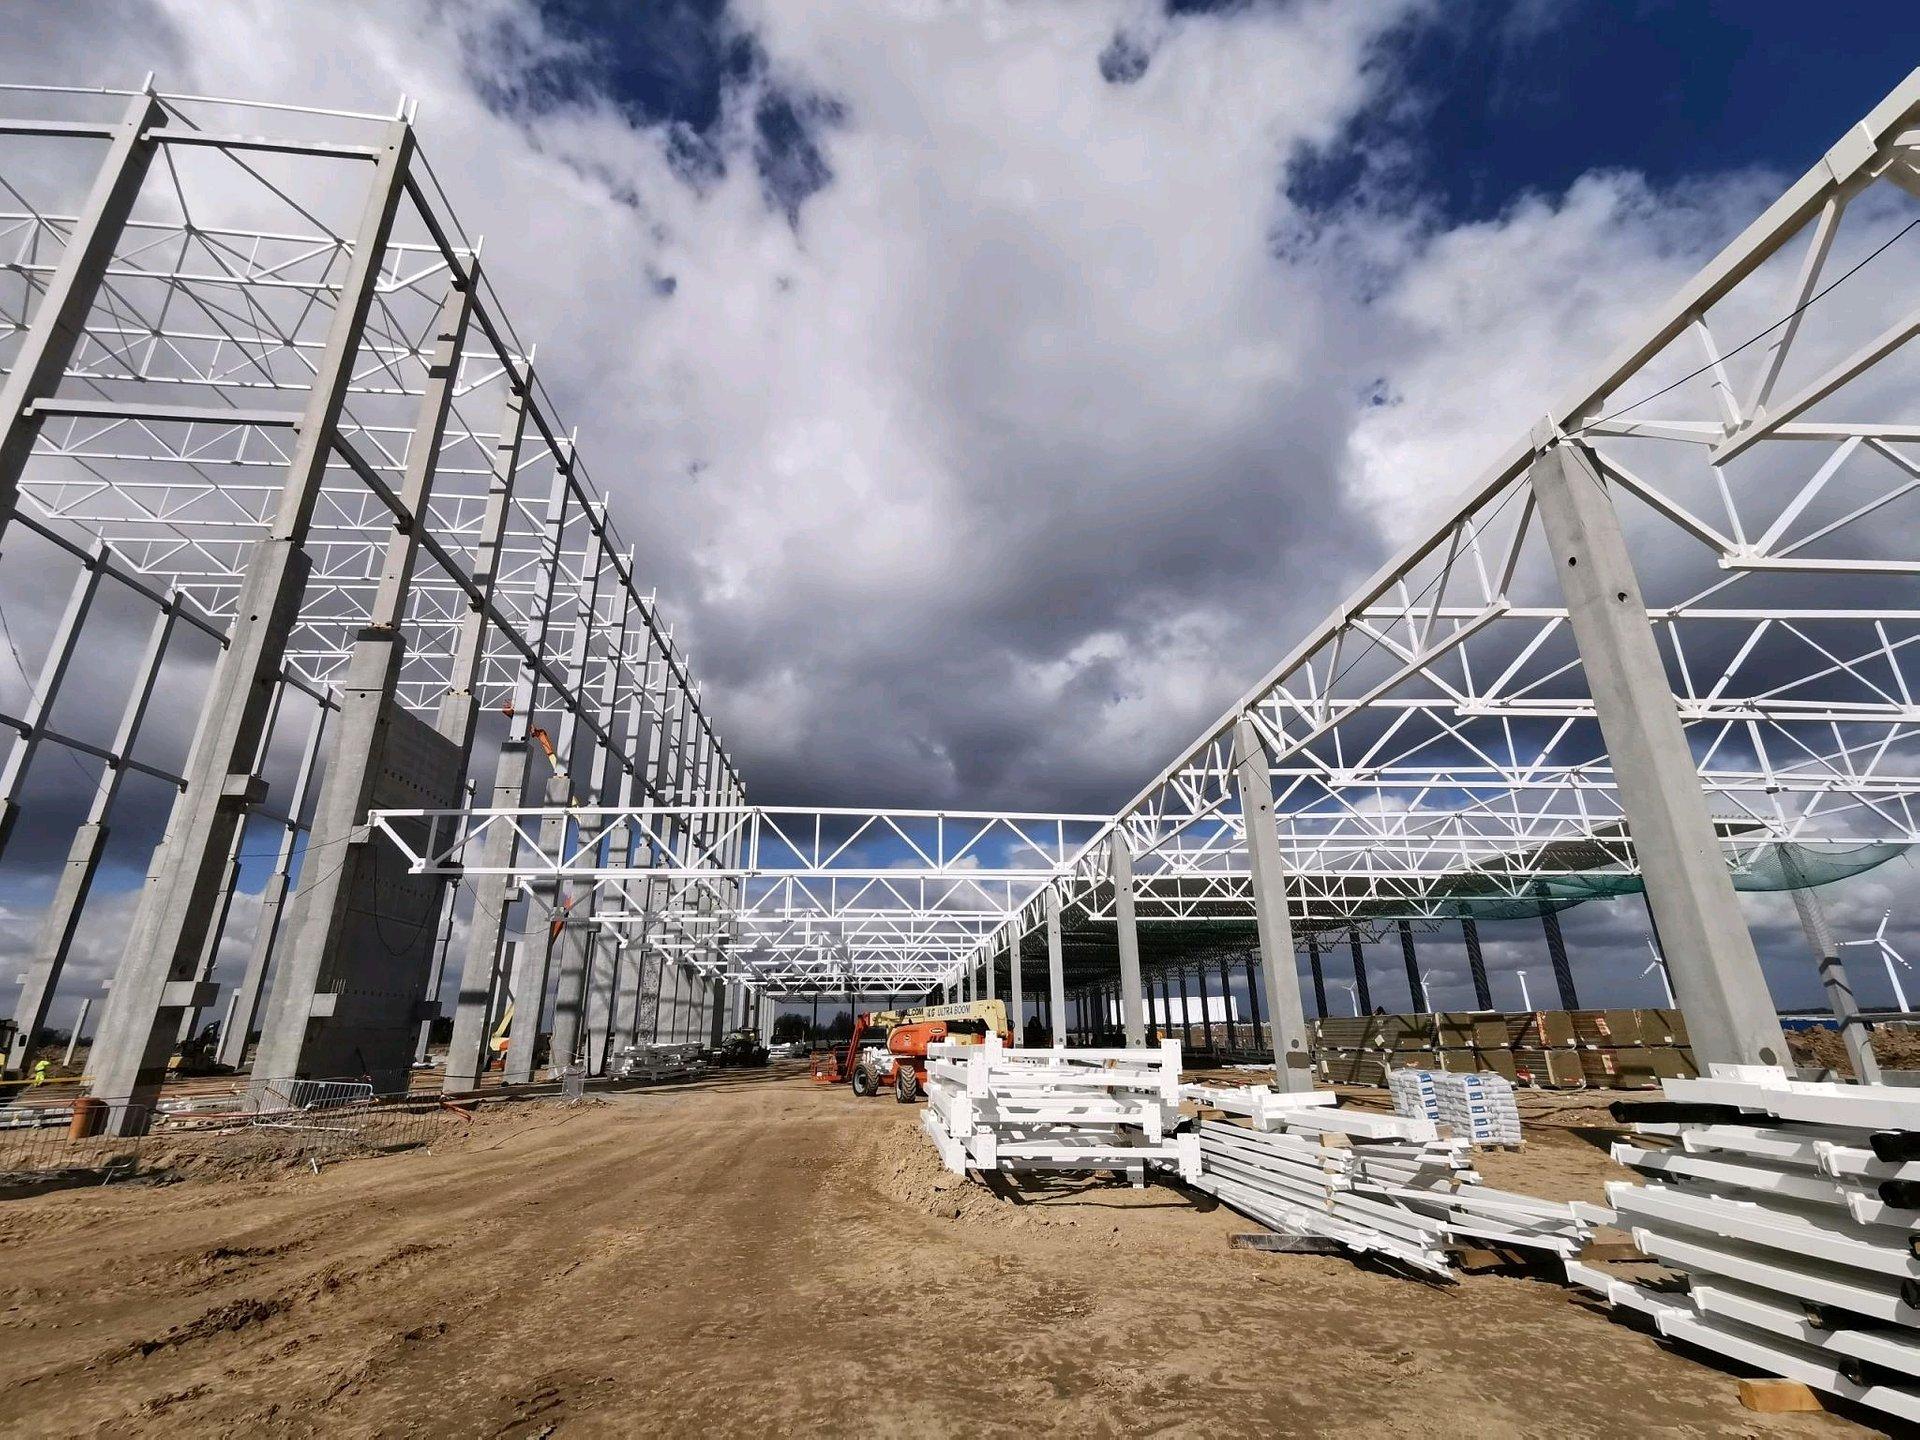 RTE – biznesowy partner Decathlonu buduje nad Wisłą fabrykę rowerów